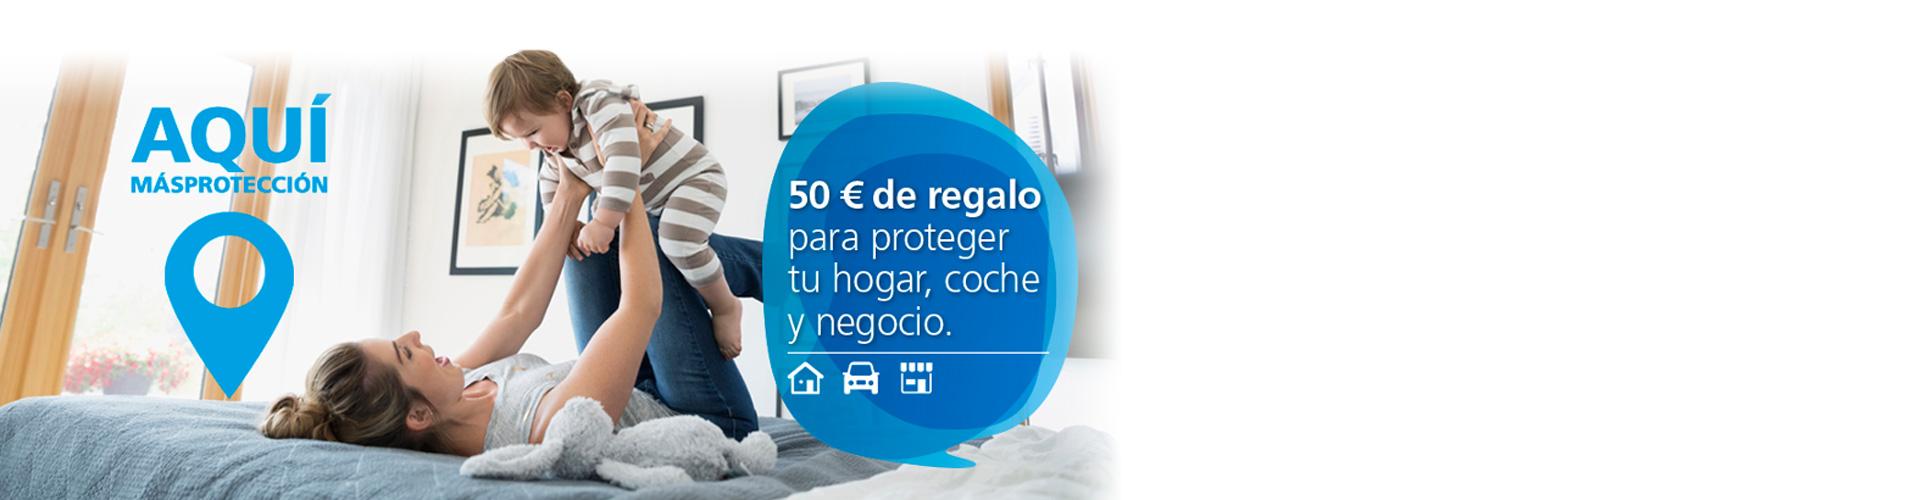 Seguros Adeslas - Más protección - Seguro de hogar